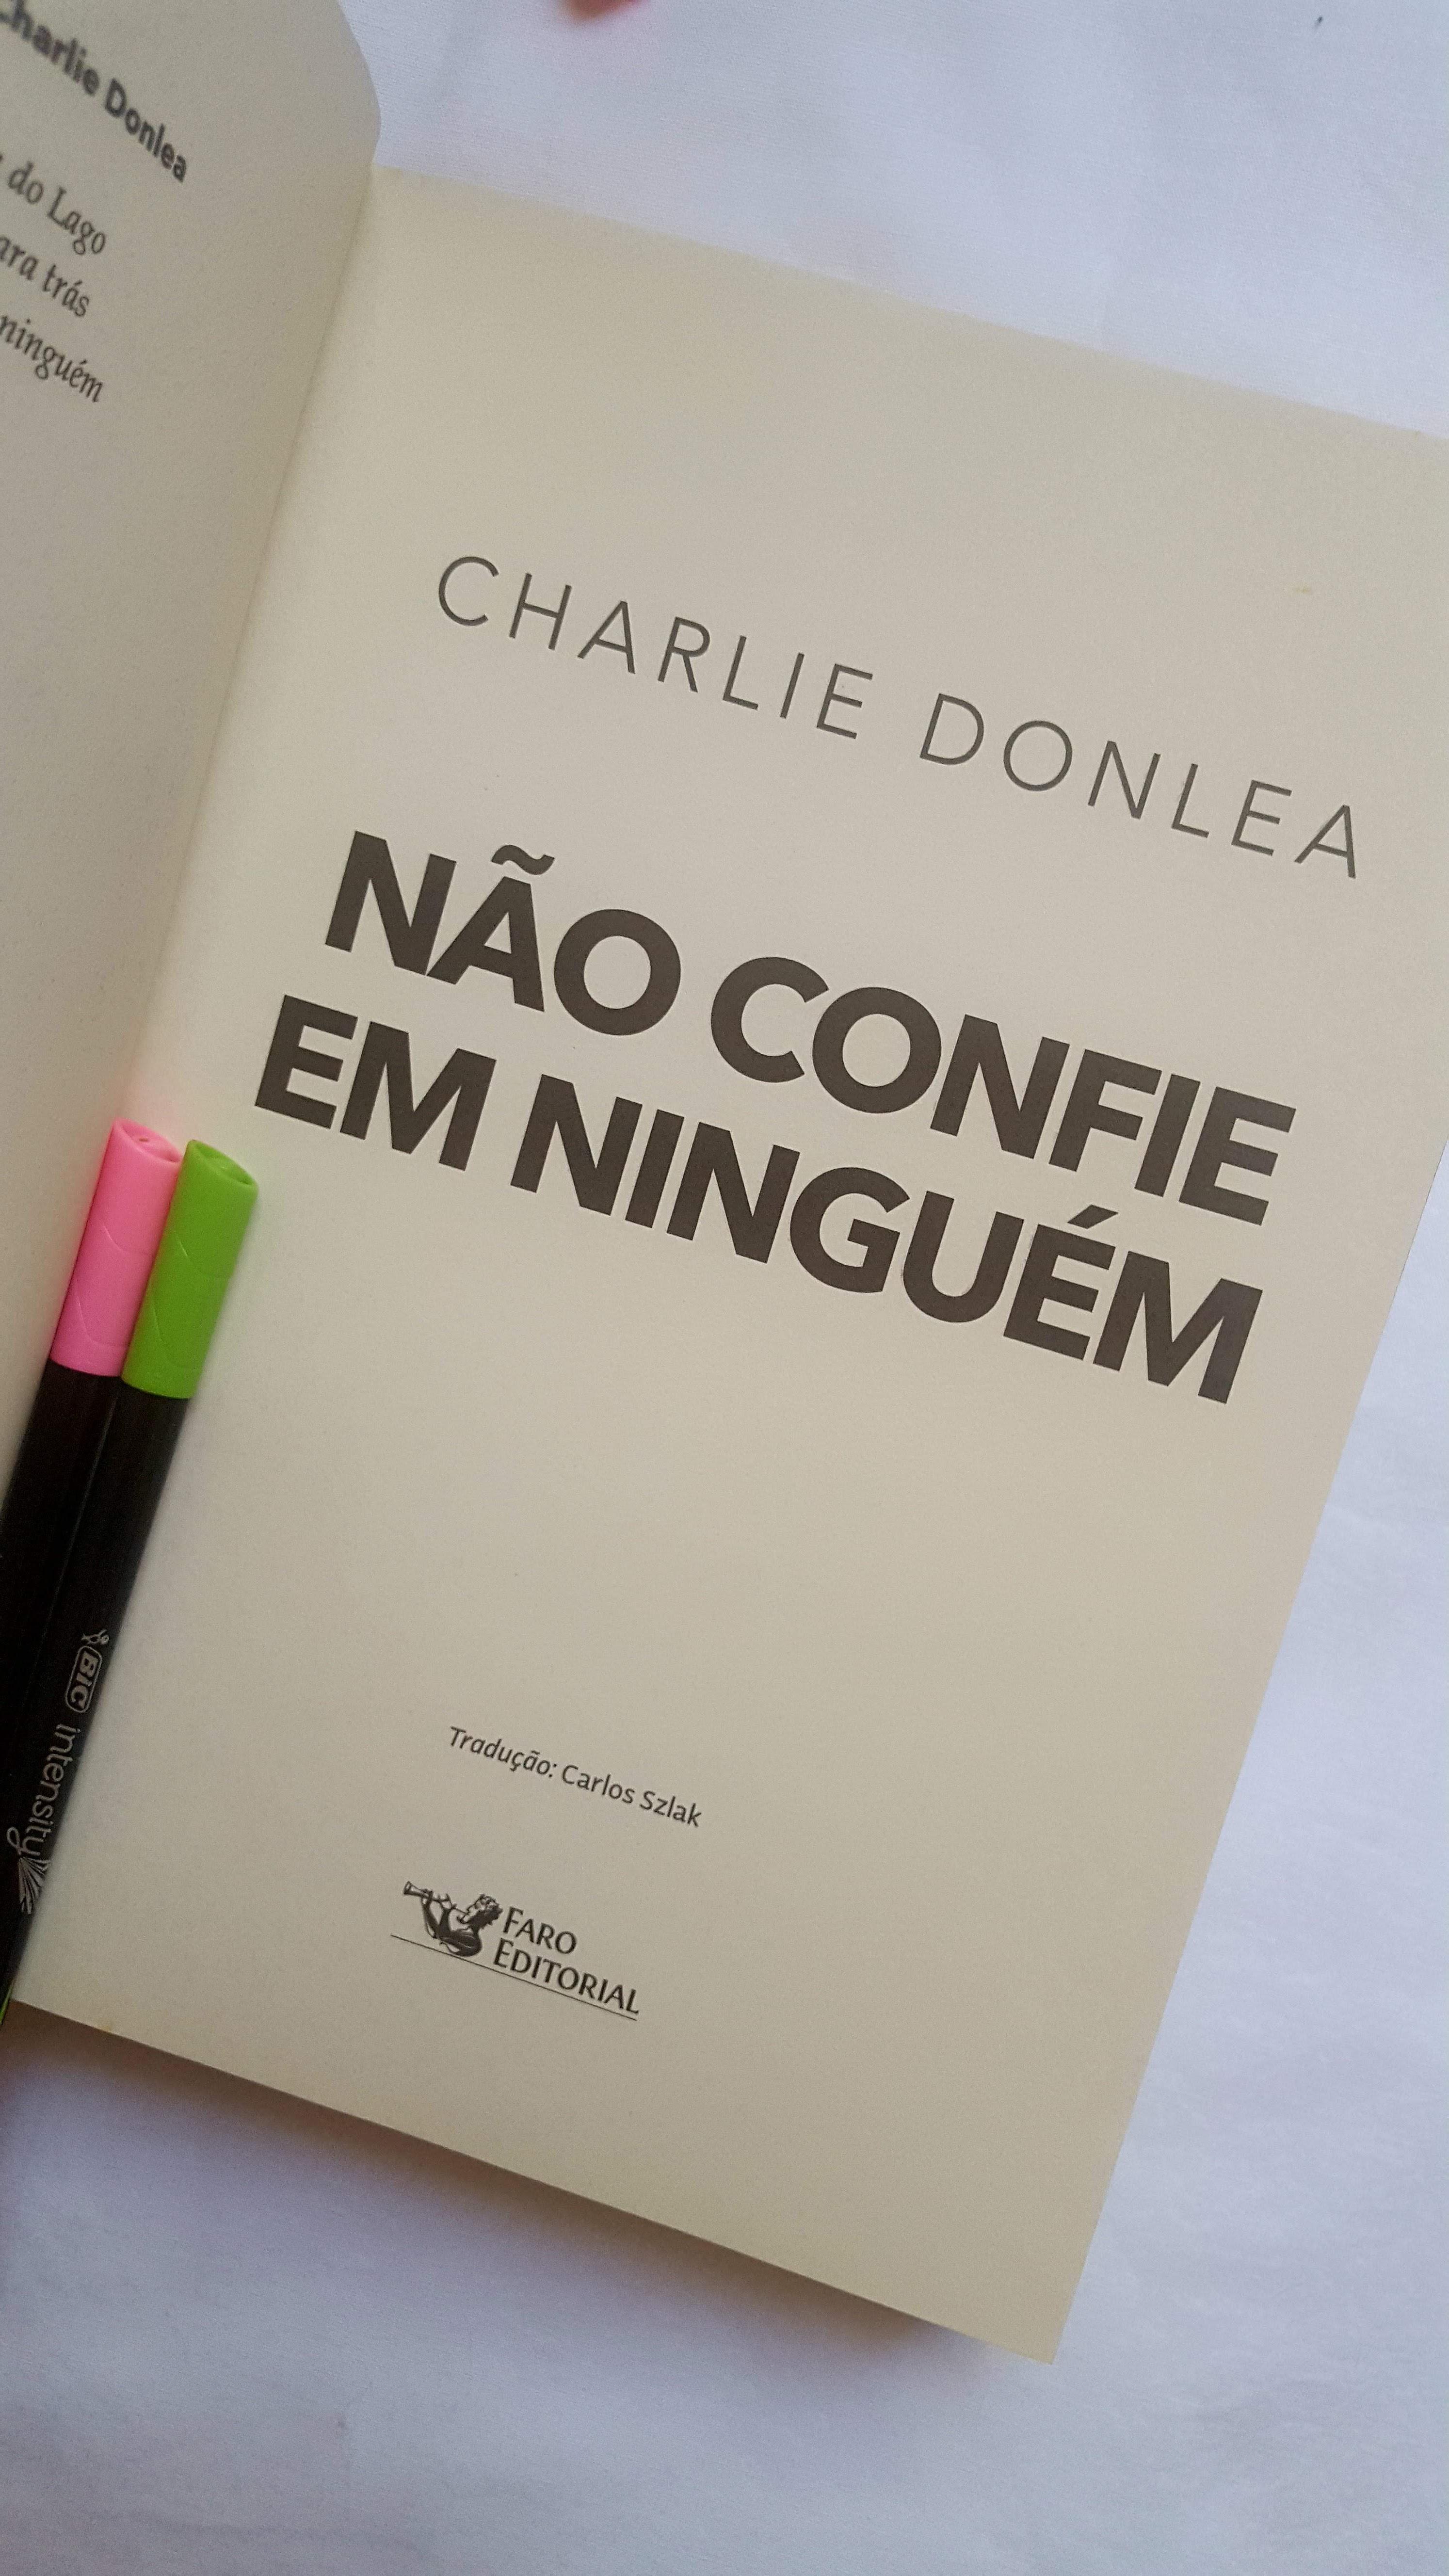 Não confie em ninguém | Charlie Donlea